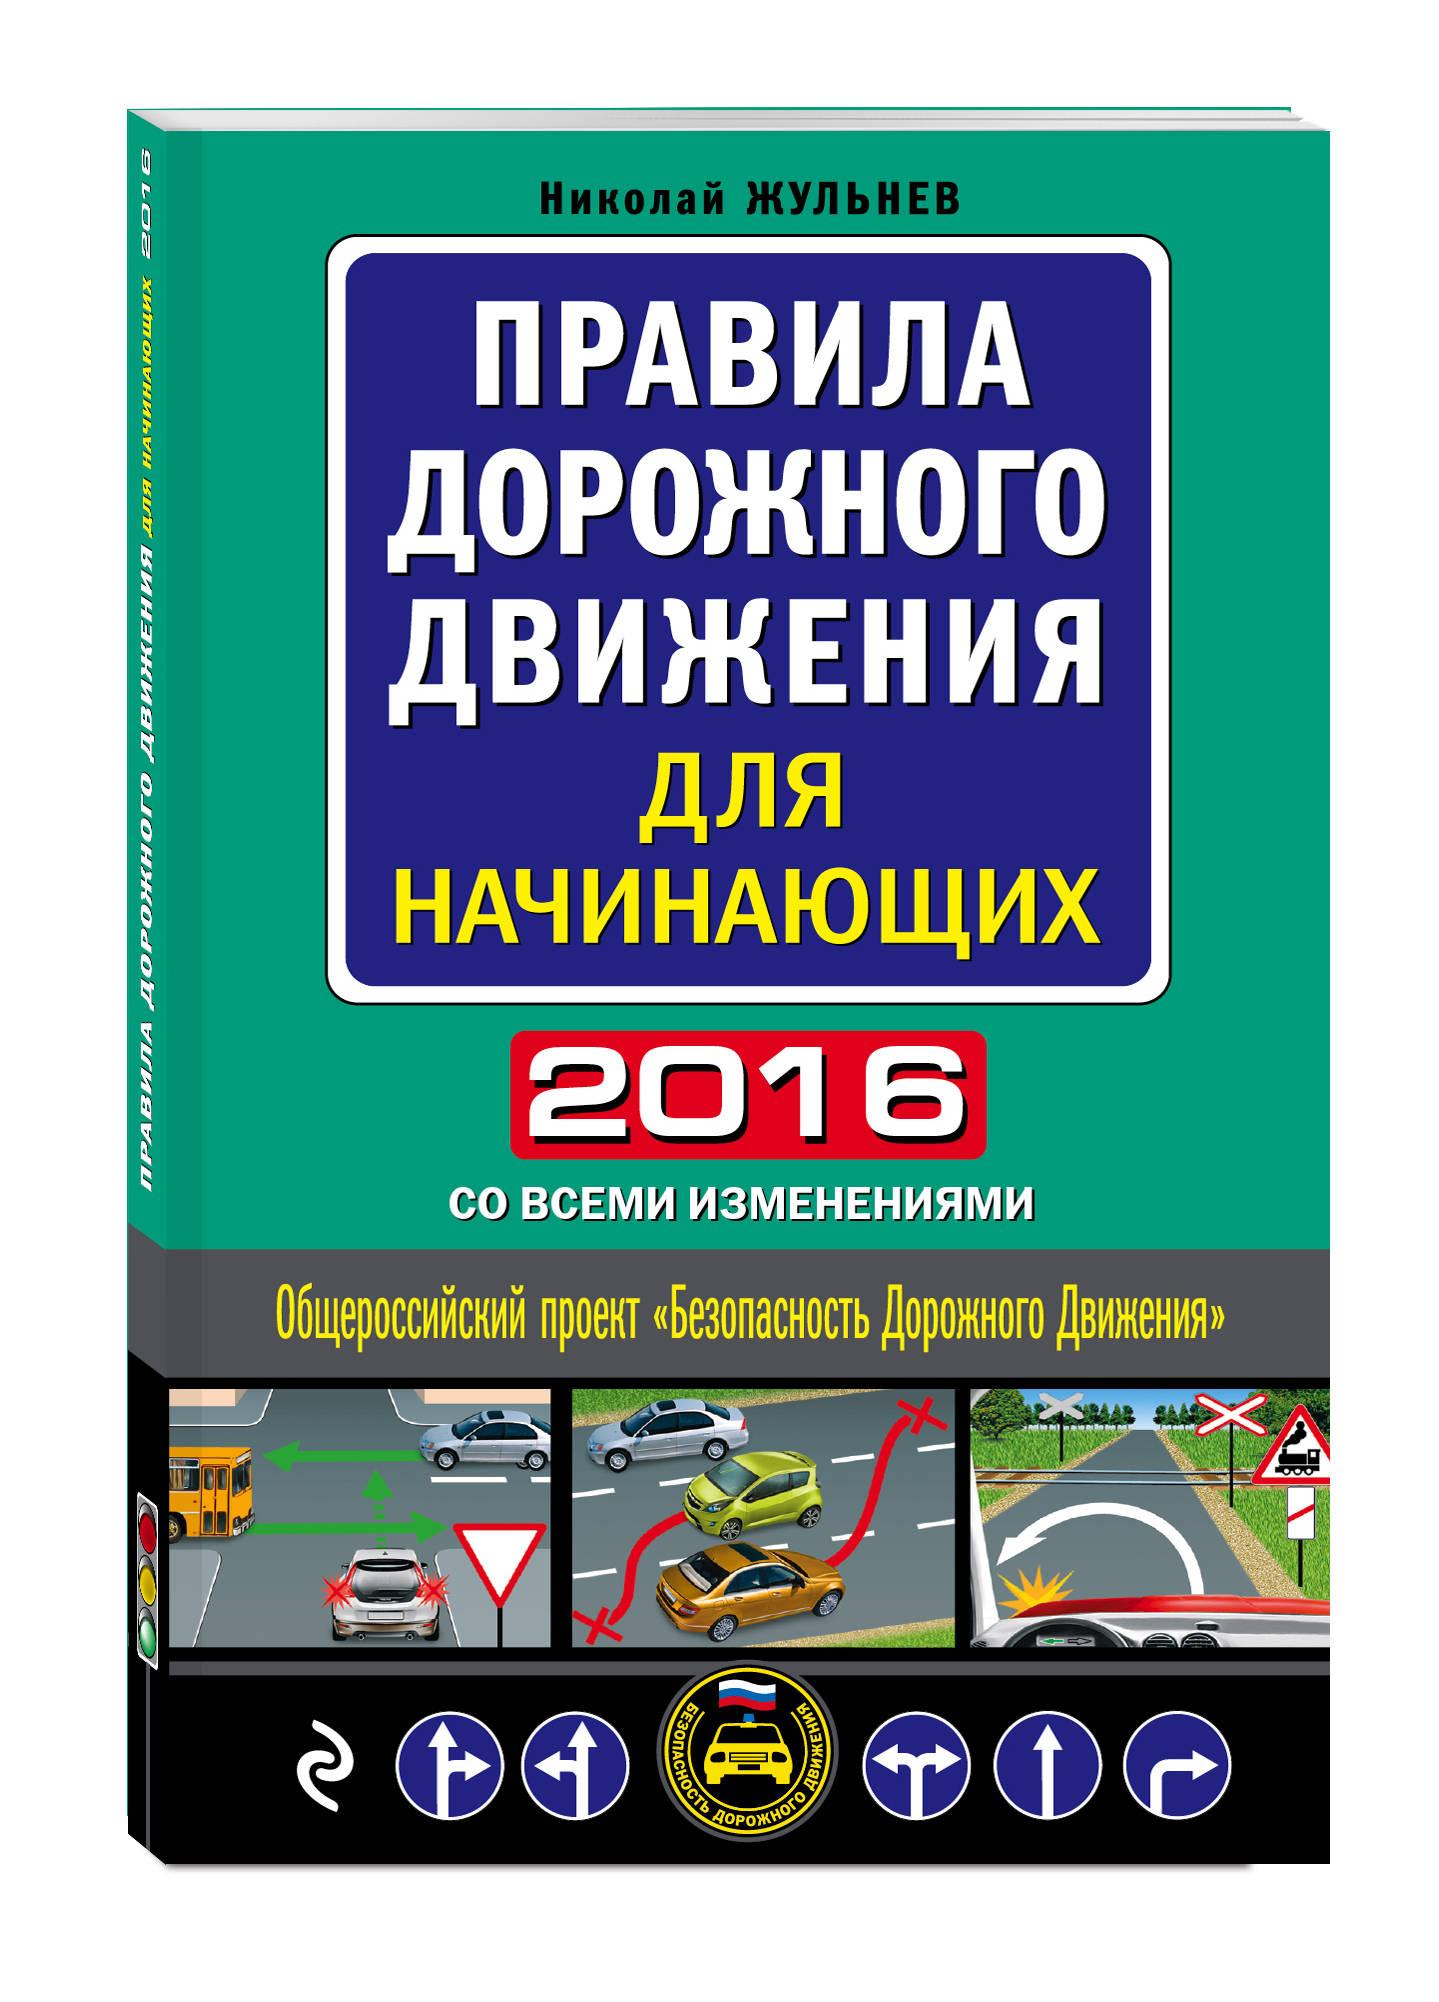 Правила дорожного движения для начинающих 2016 (со всеми изменениями)